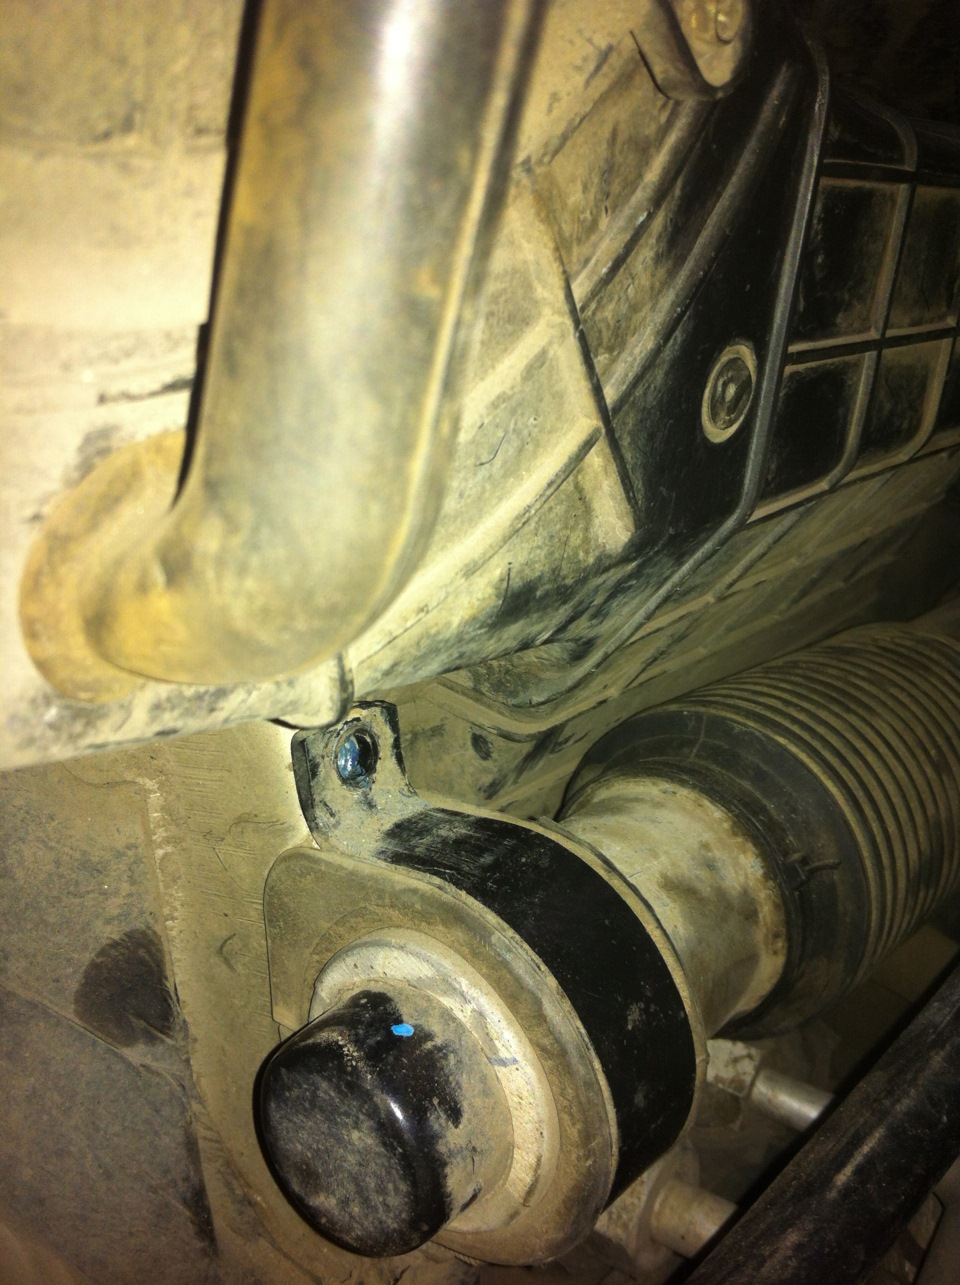 Замена задних тормозных колодок форд куга своими руками фото 456